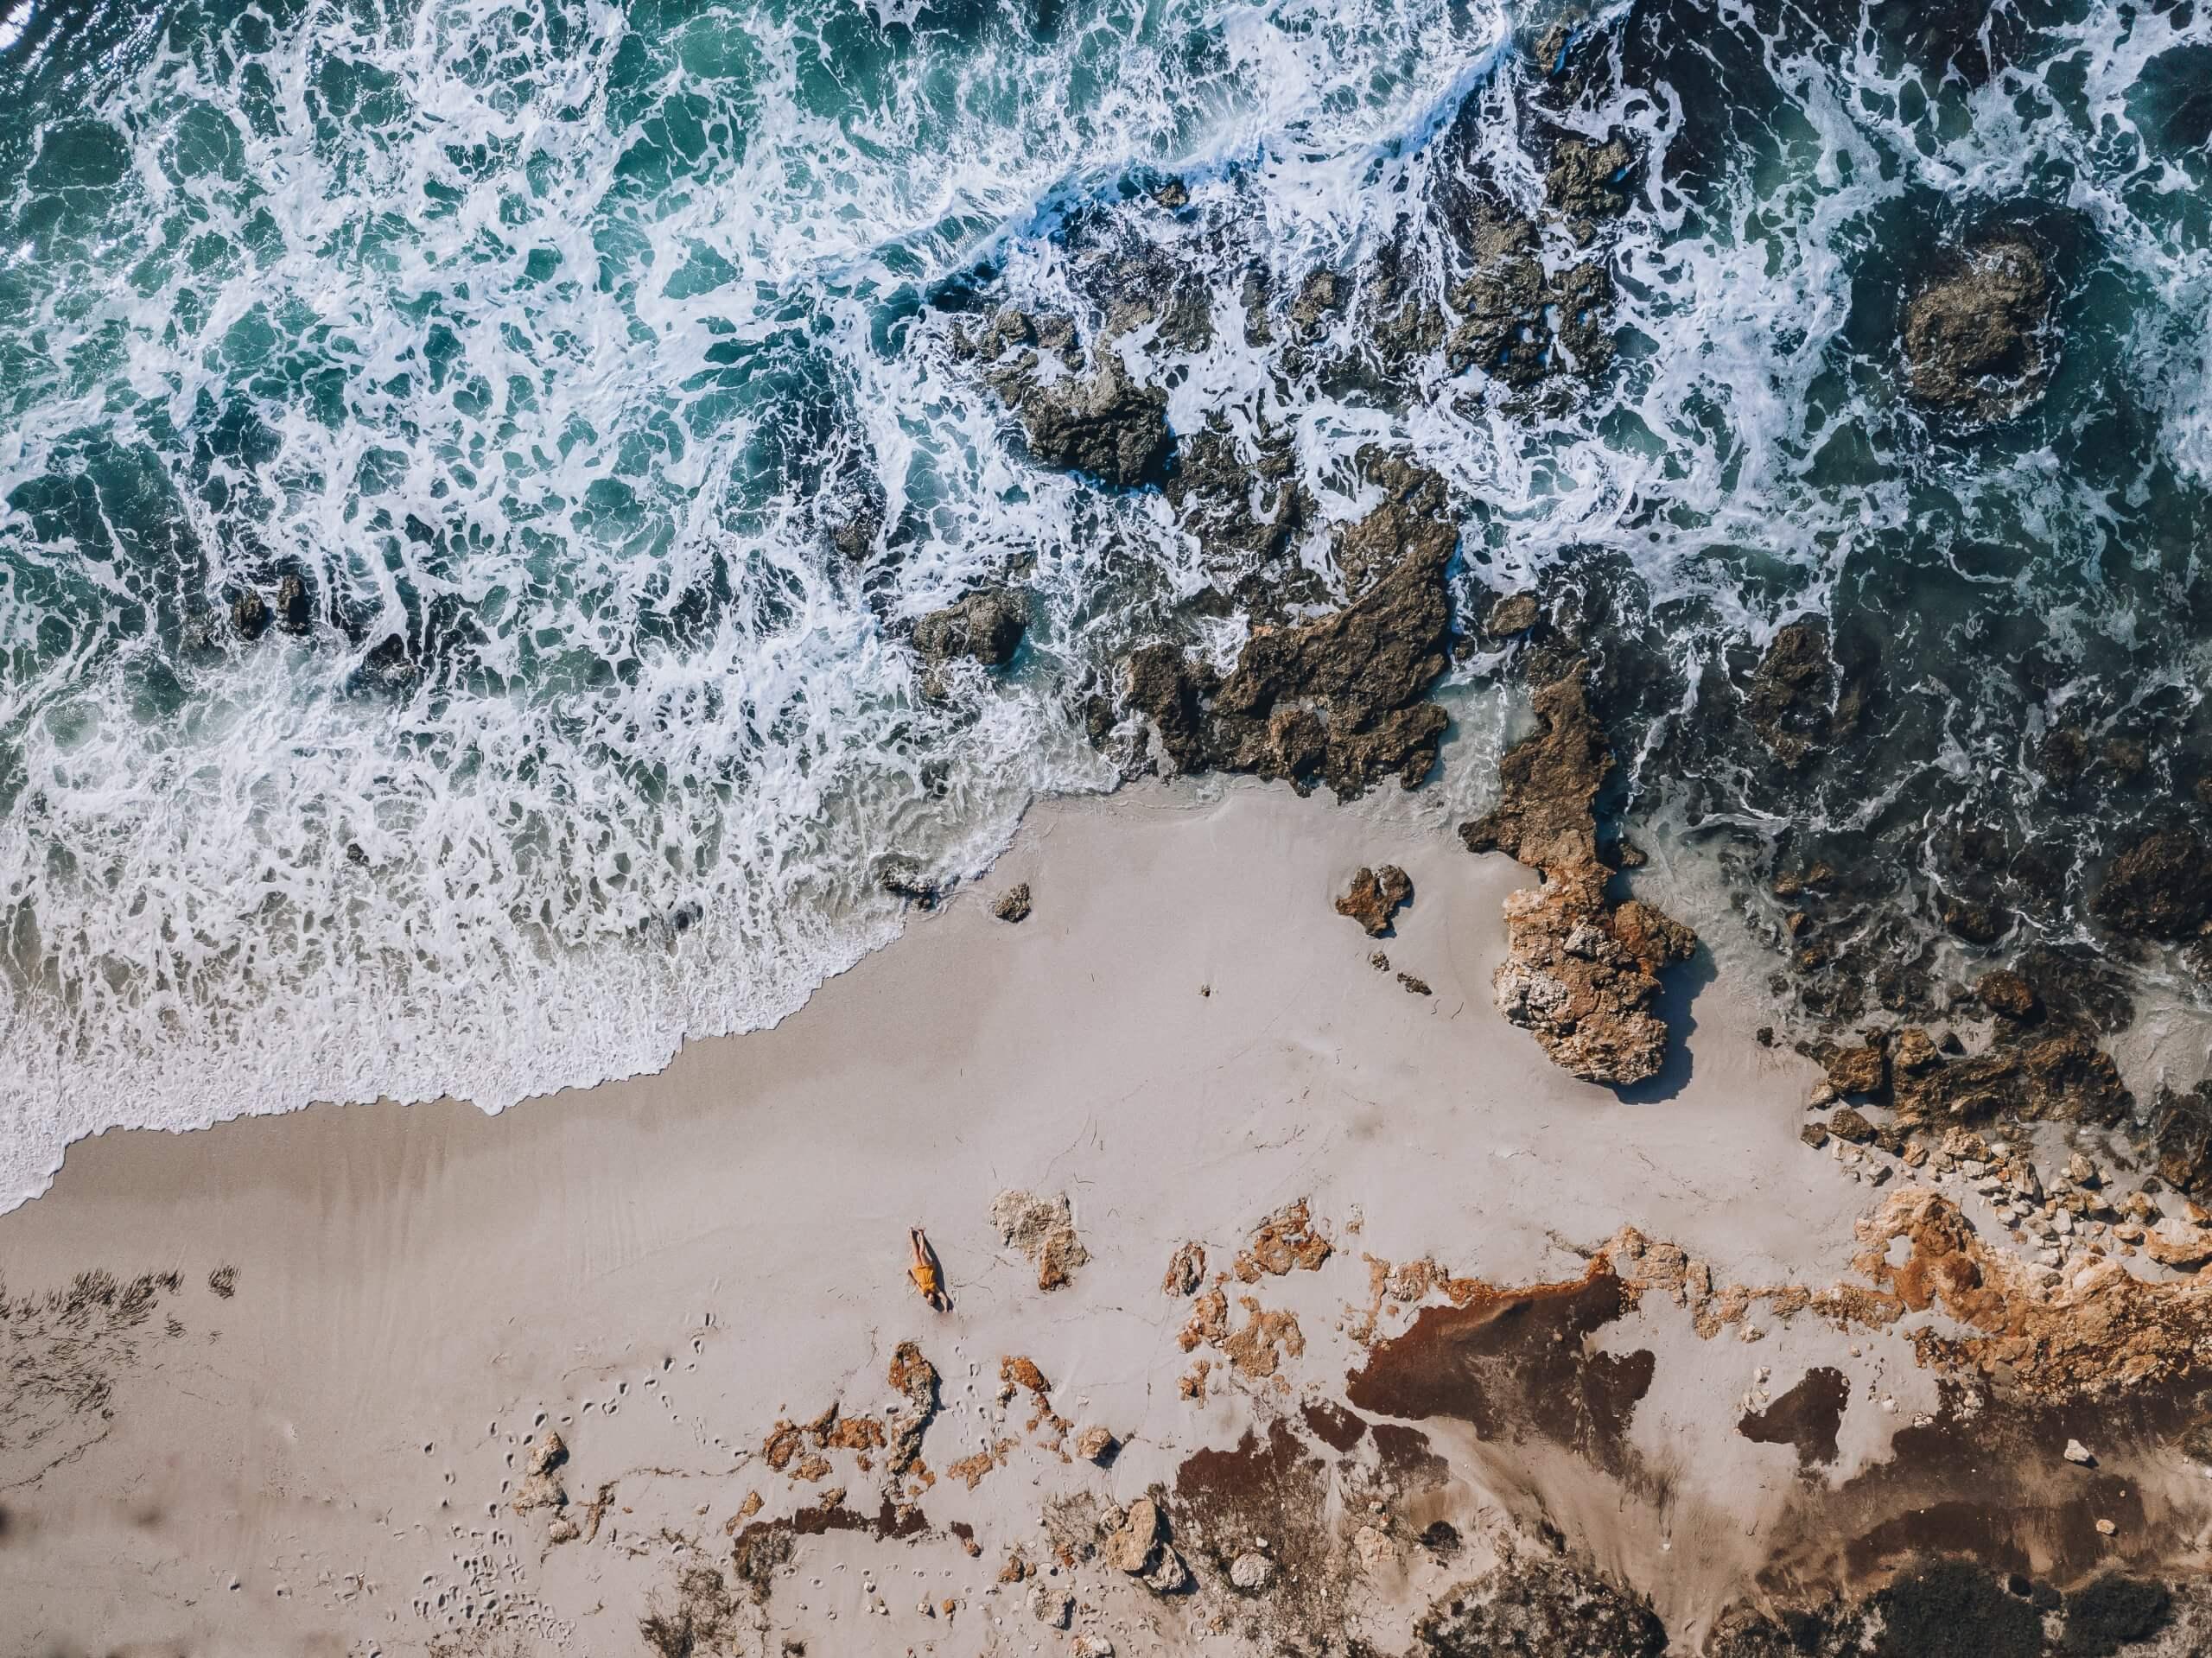 am wunderschönen Strand von Is Aruttas